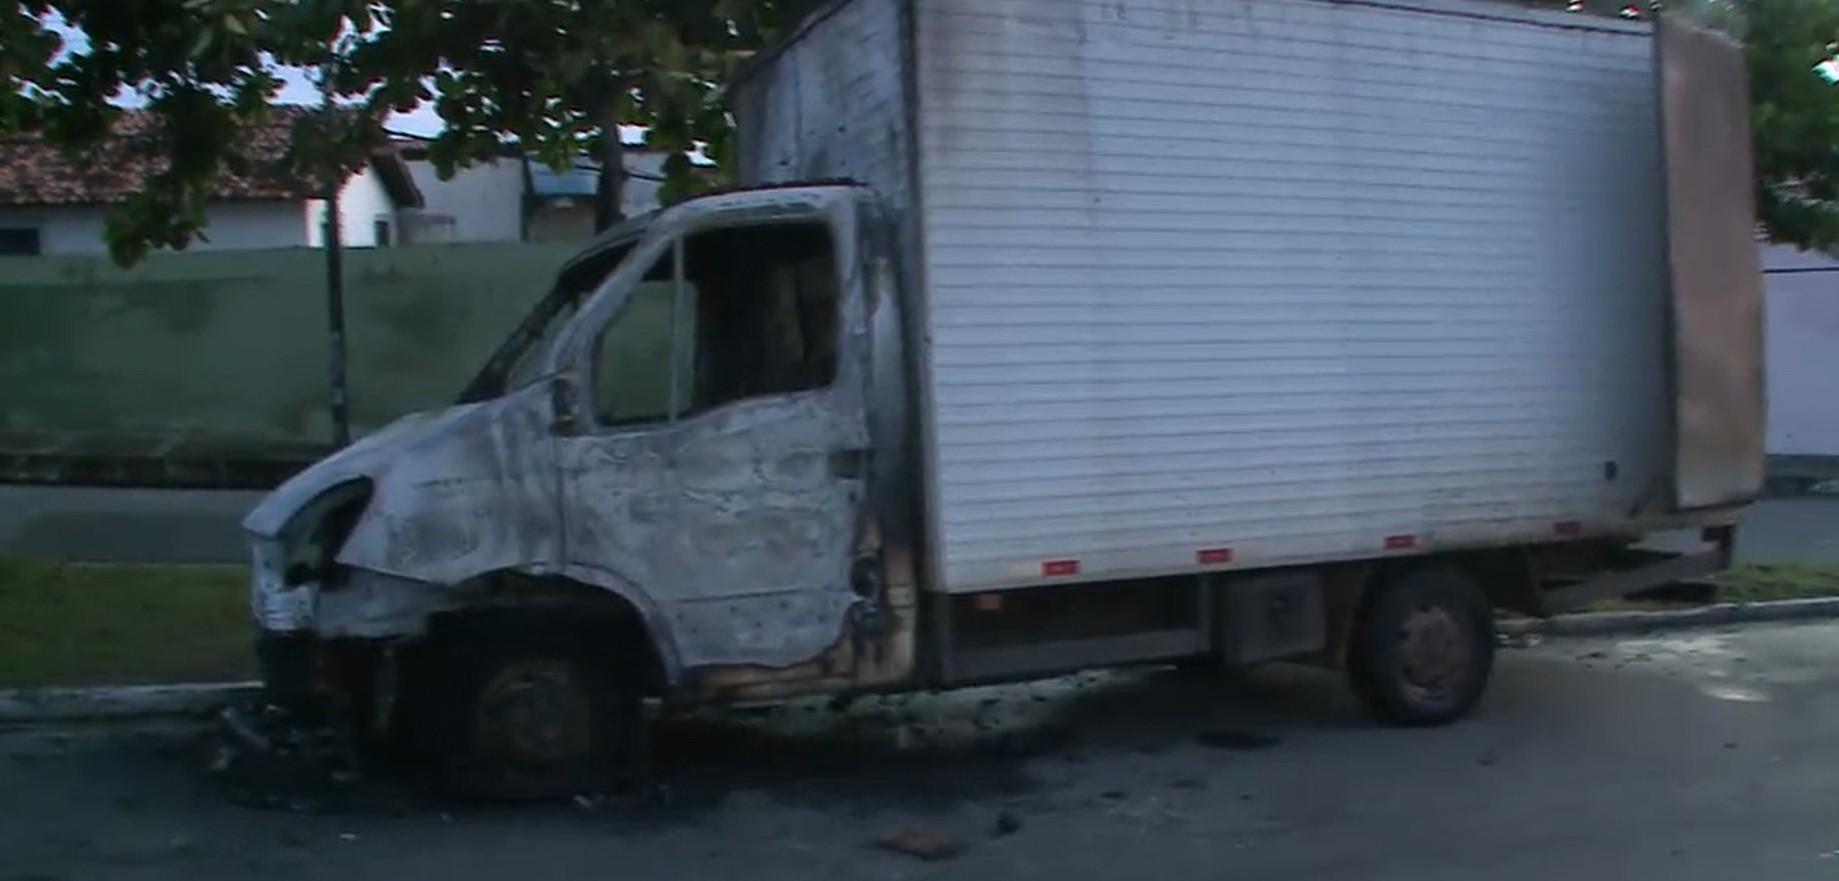 Caminhão-baú pega fogo no bairro Radional em São Luís - Noticias